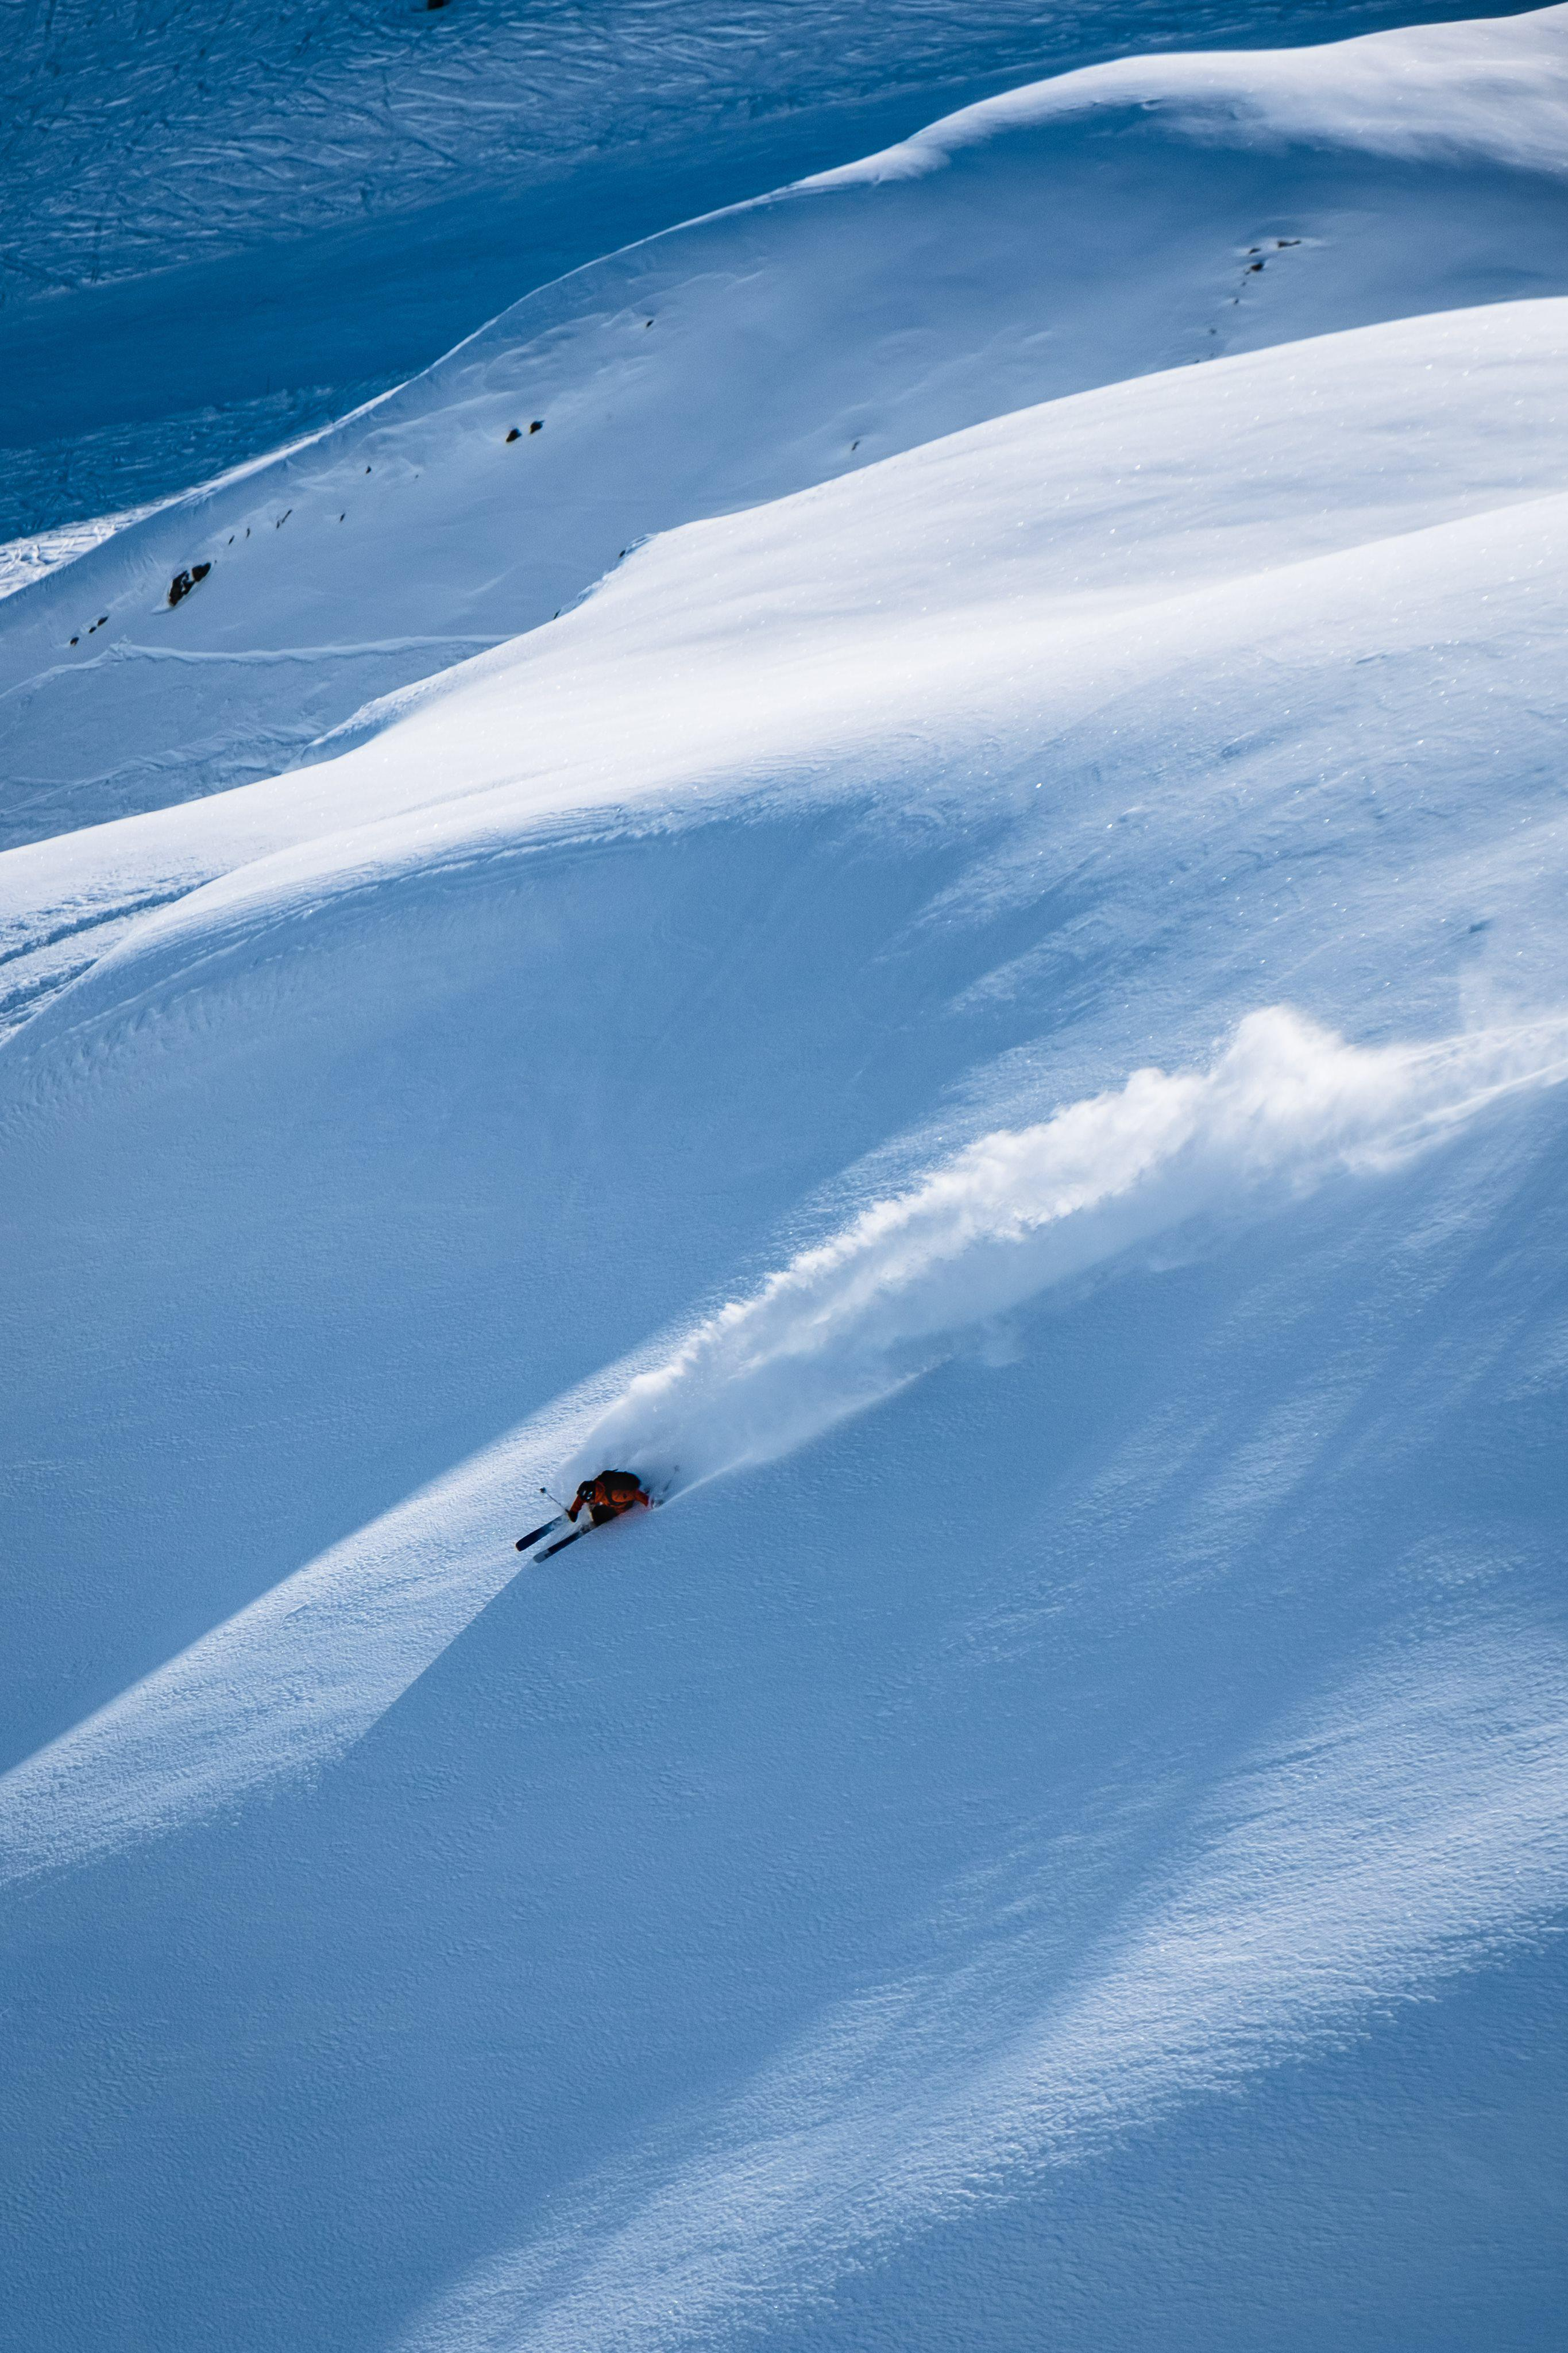 ski resort Les Menuires